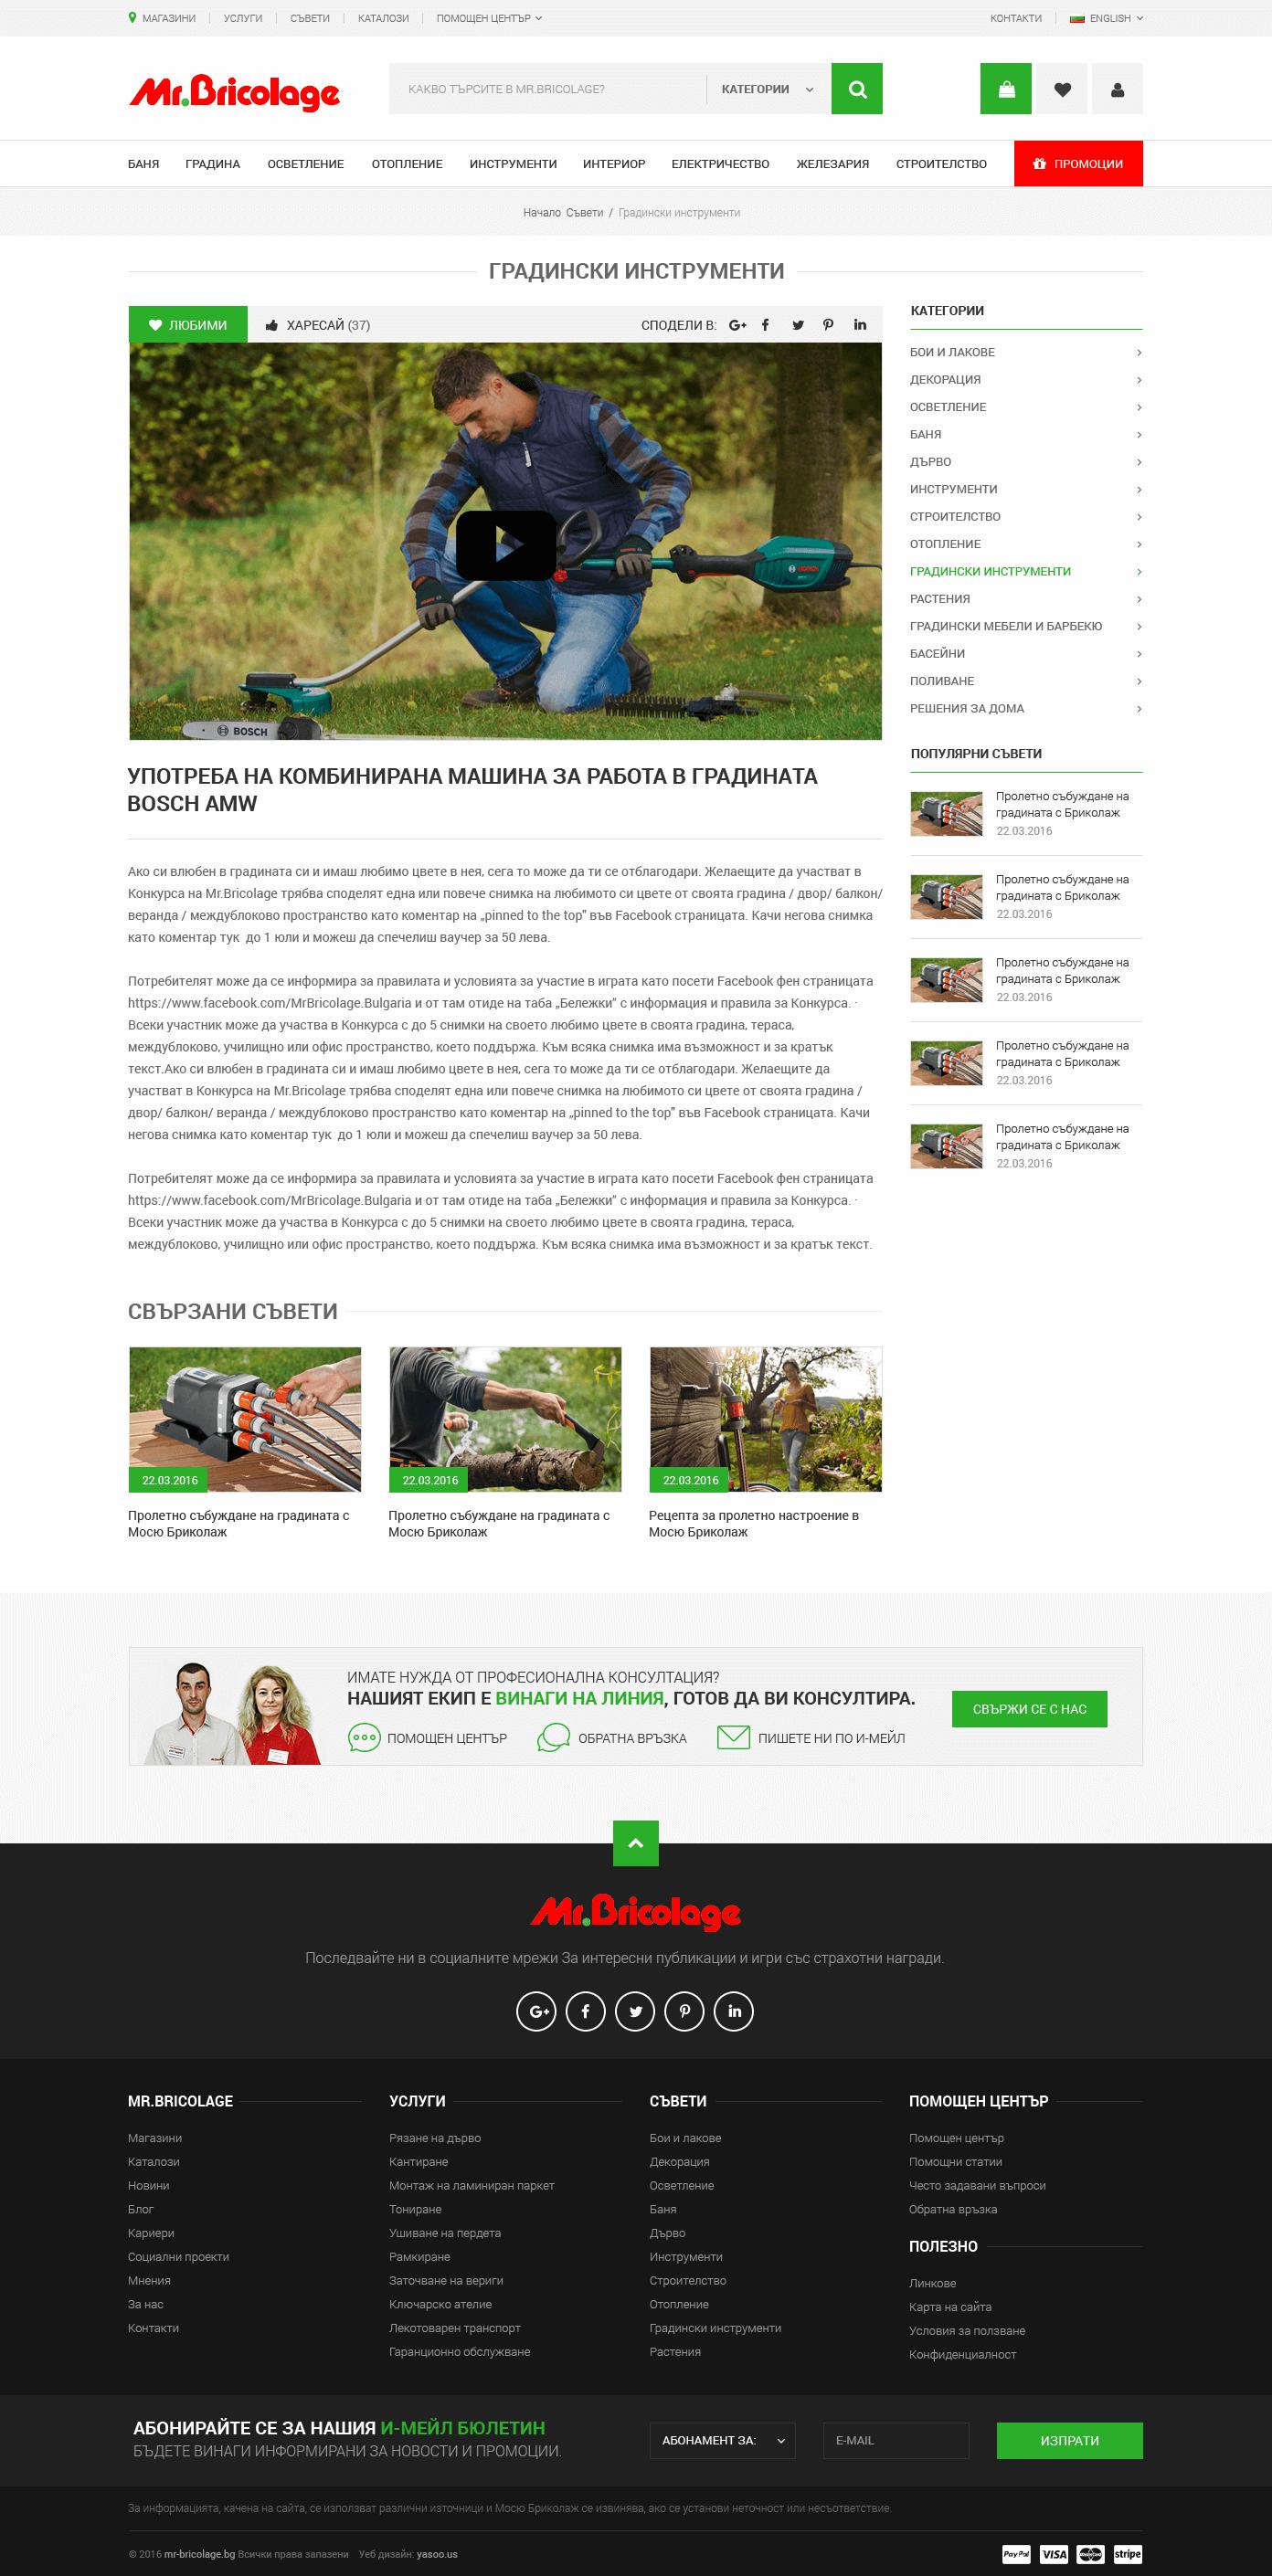 Концепция за дизайн на уеб сайт за Mr.Bricolage